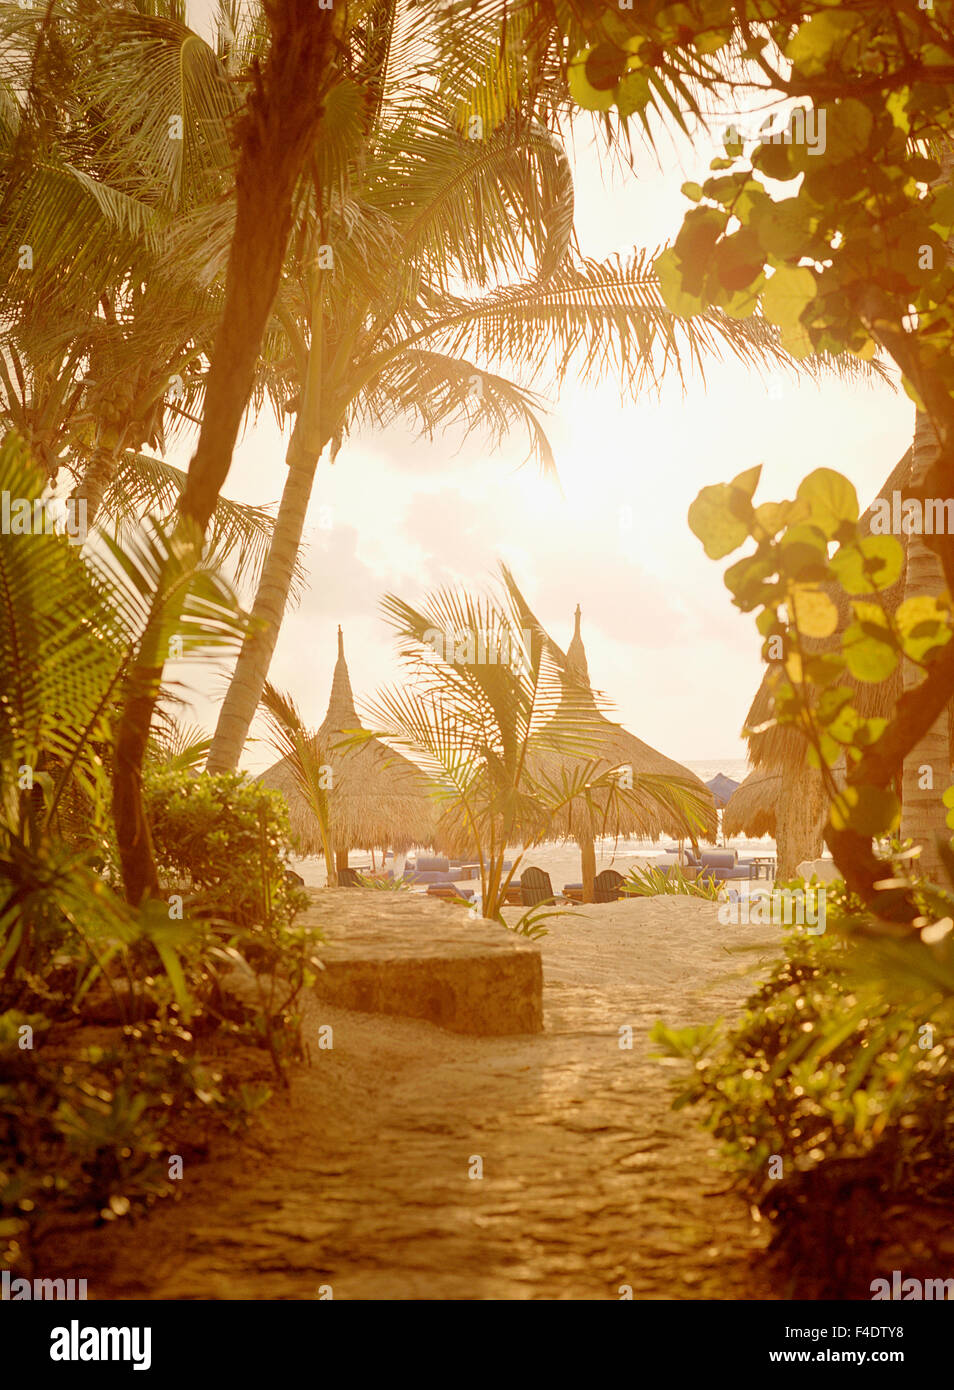 Sunrise view of the beach palapas at  Maroma Spa and Resort. Riviera Maya,Yucatan,Mexico. Stock Photo